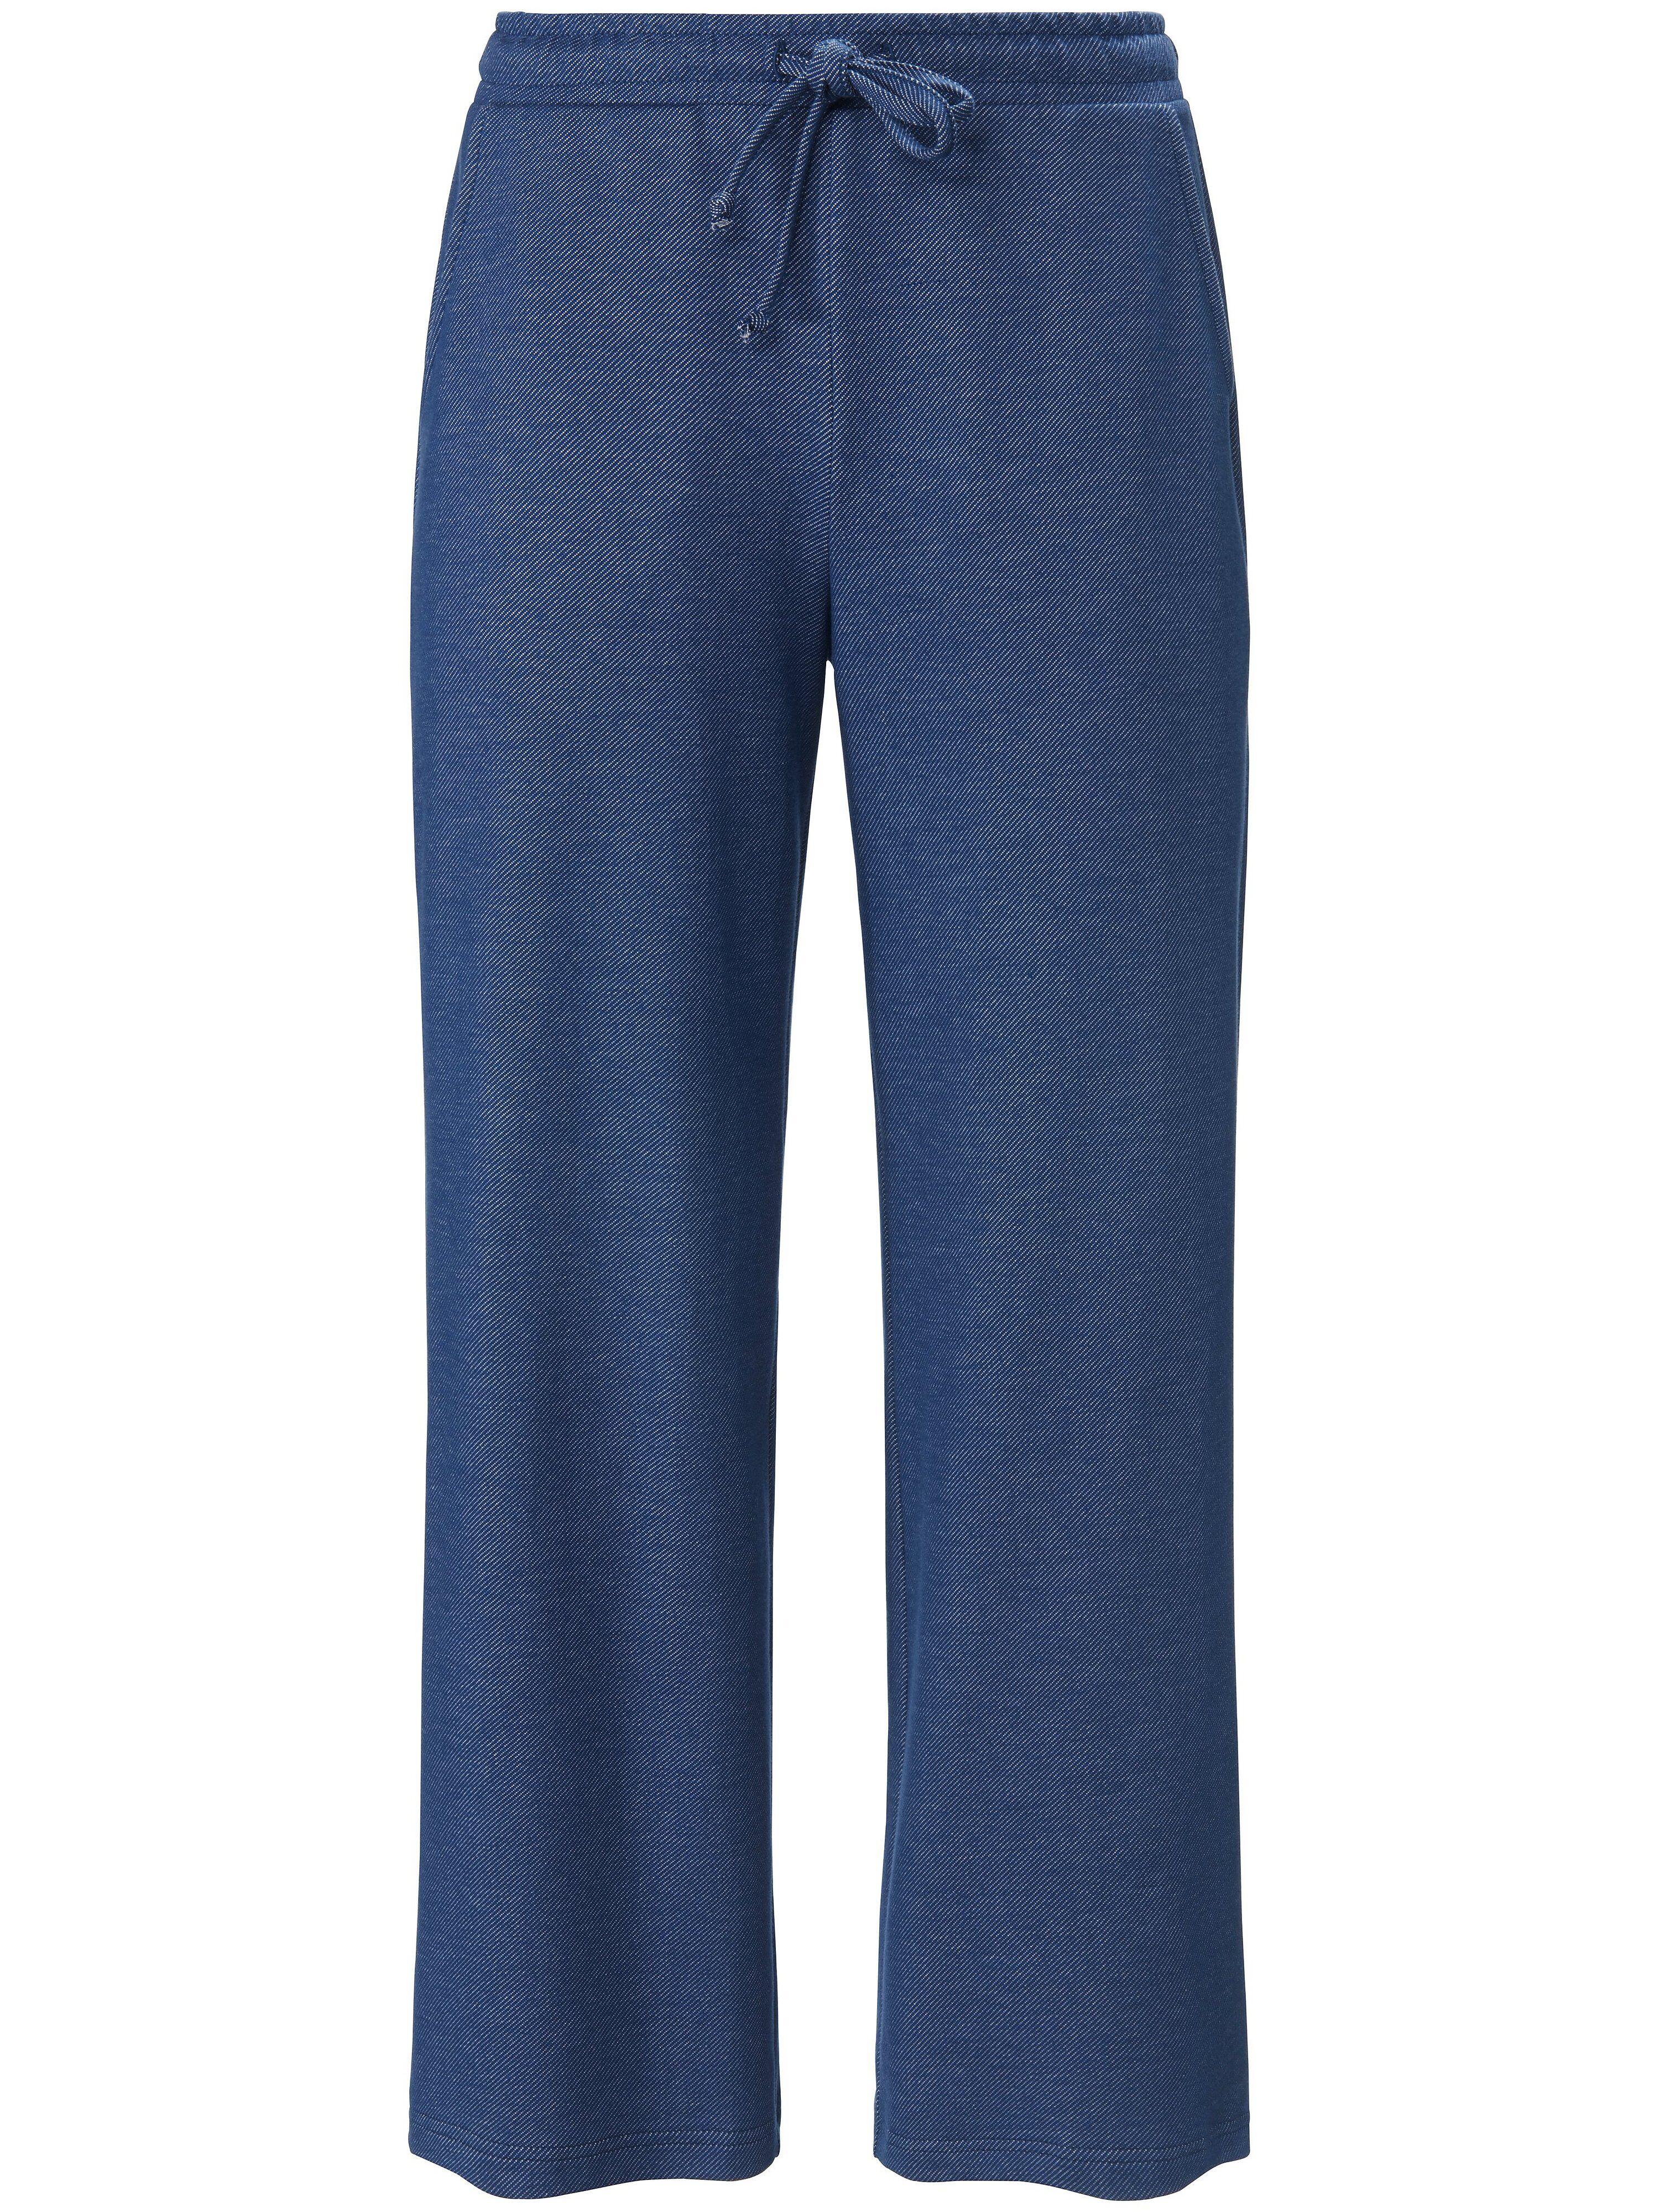 Green Cotton Le pantalon longueur chevilles ligne Marlene  Green Cotton bleu  - Femme - 40